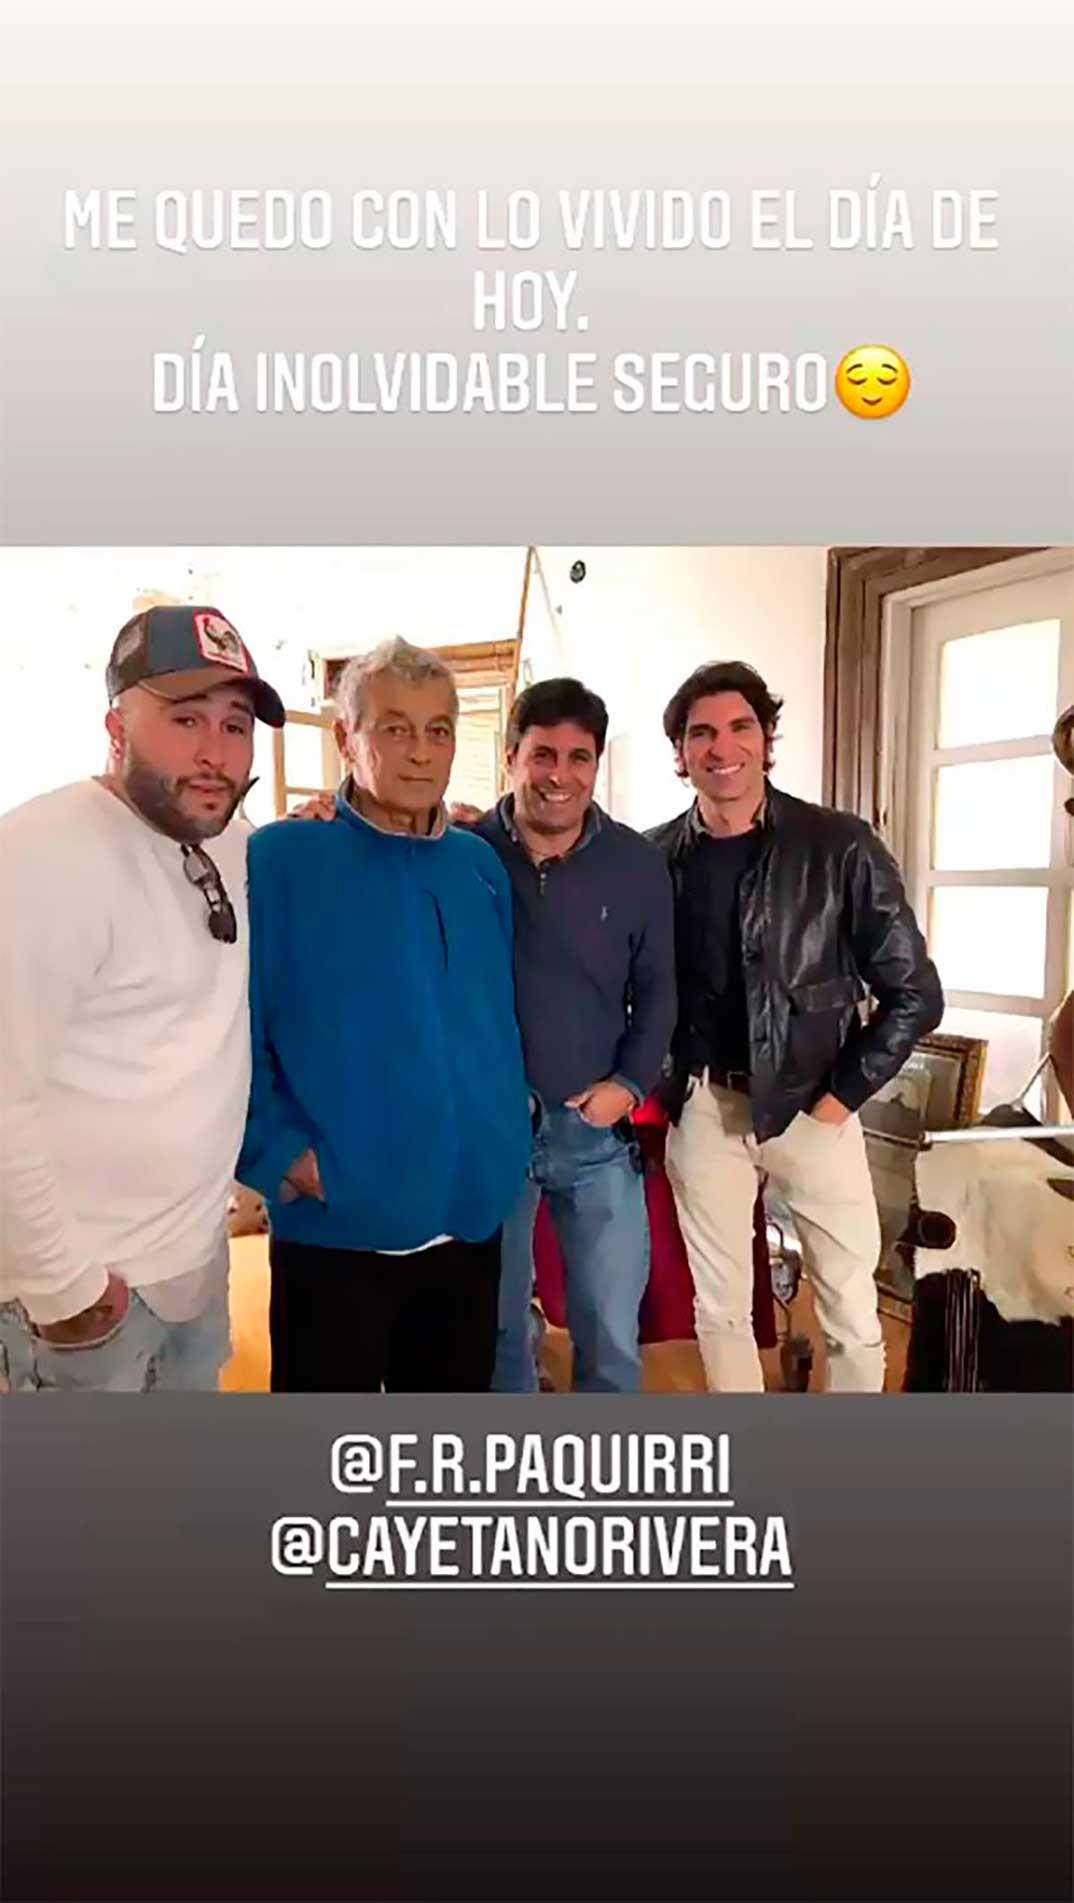 Kiko Rivera, Francisco Rivera, Cayetano Rivera con su tío Riverita © Instagram